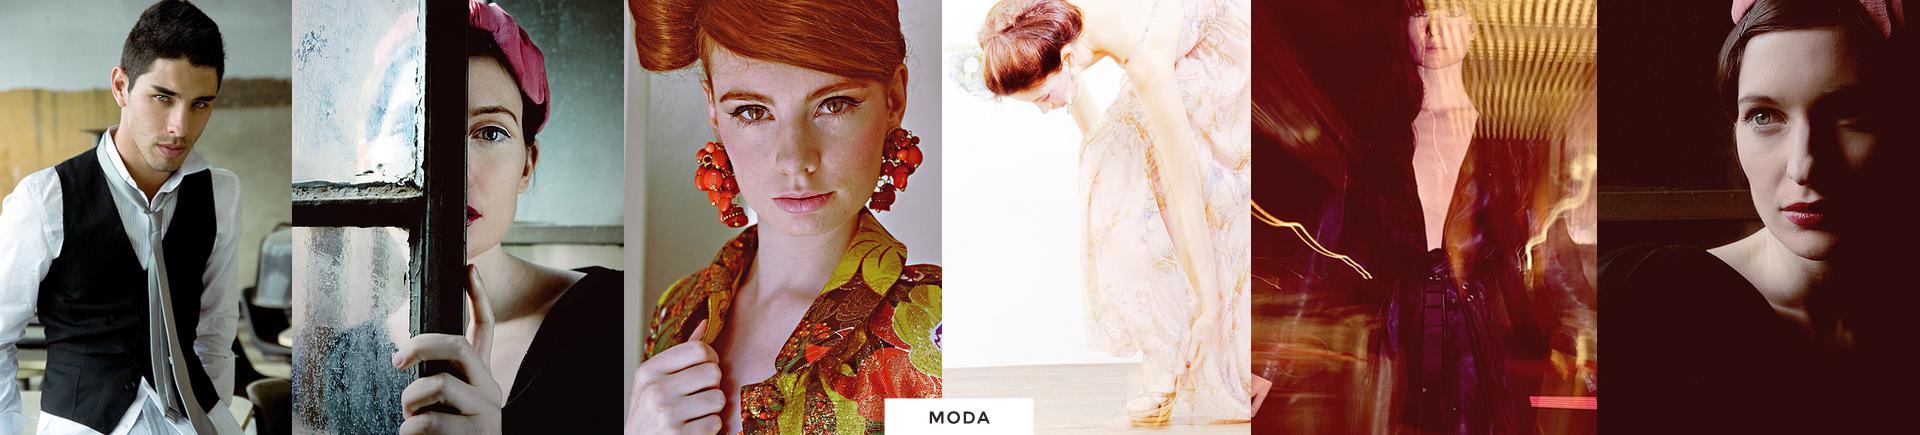 fotos de moda, book personalizados, servicios fotográficos individuales, estilo fashion